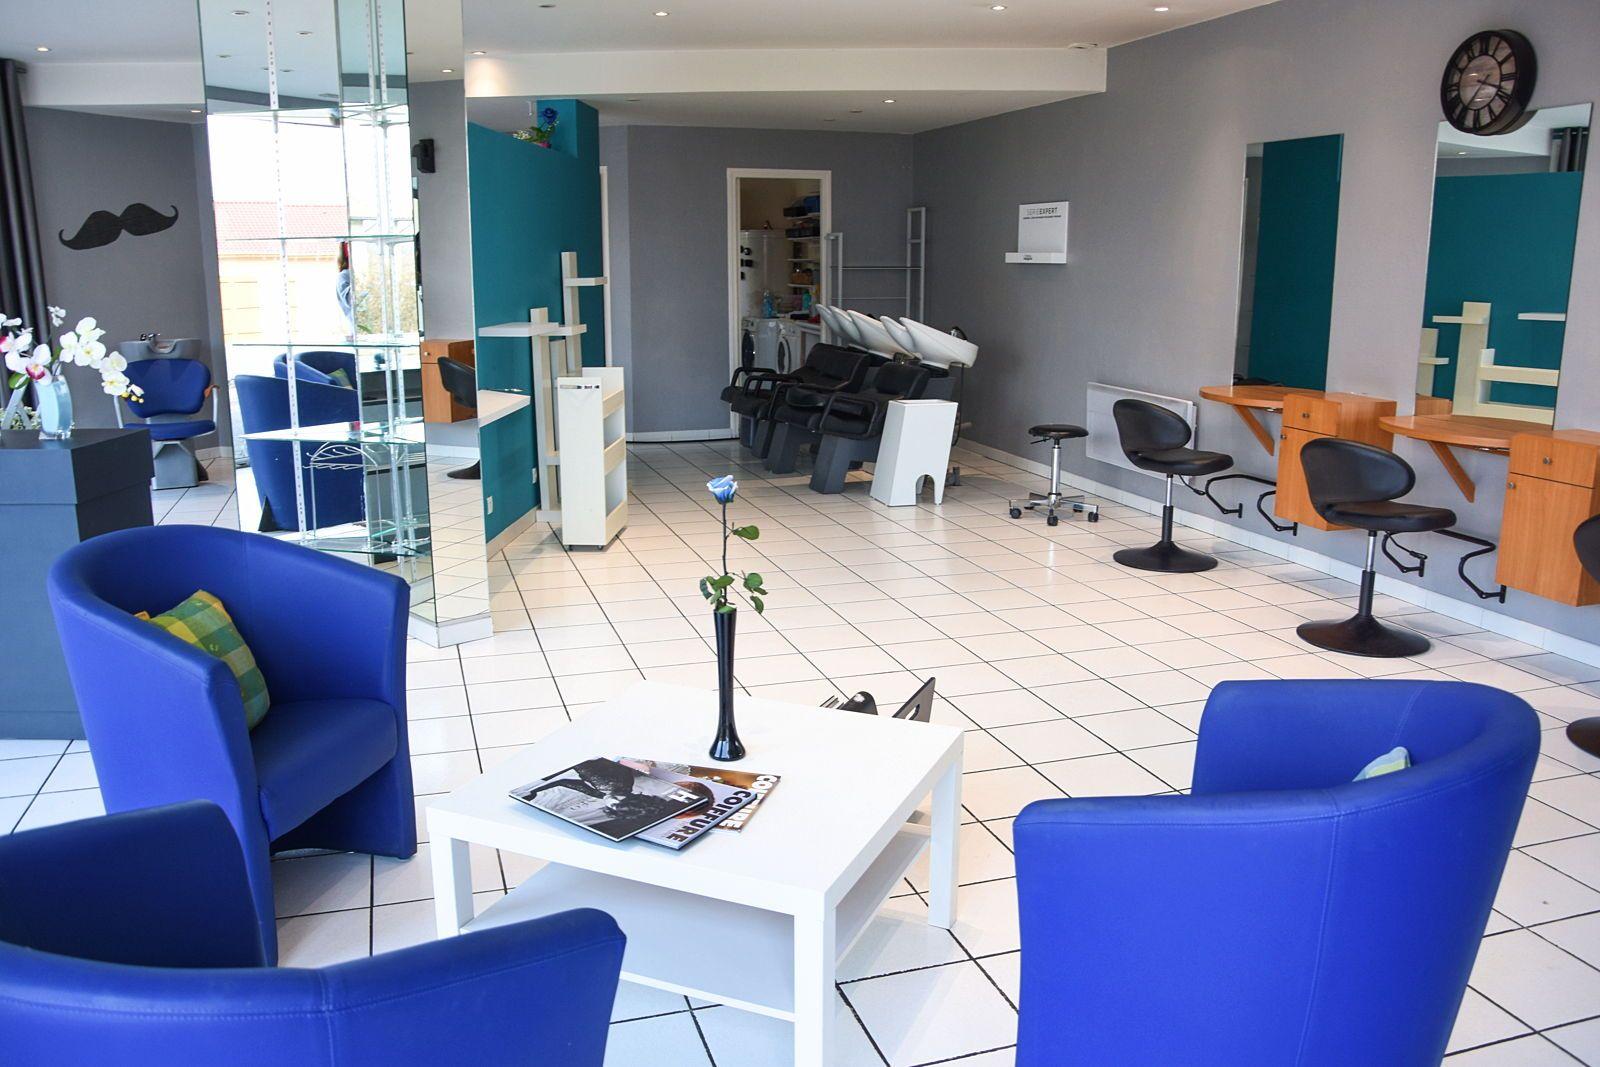 Loue beau salon de coiffure 100m² tout équipé au pied du Vercors - Saint-Laurent-en-Royans (26)